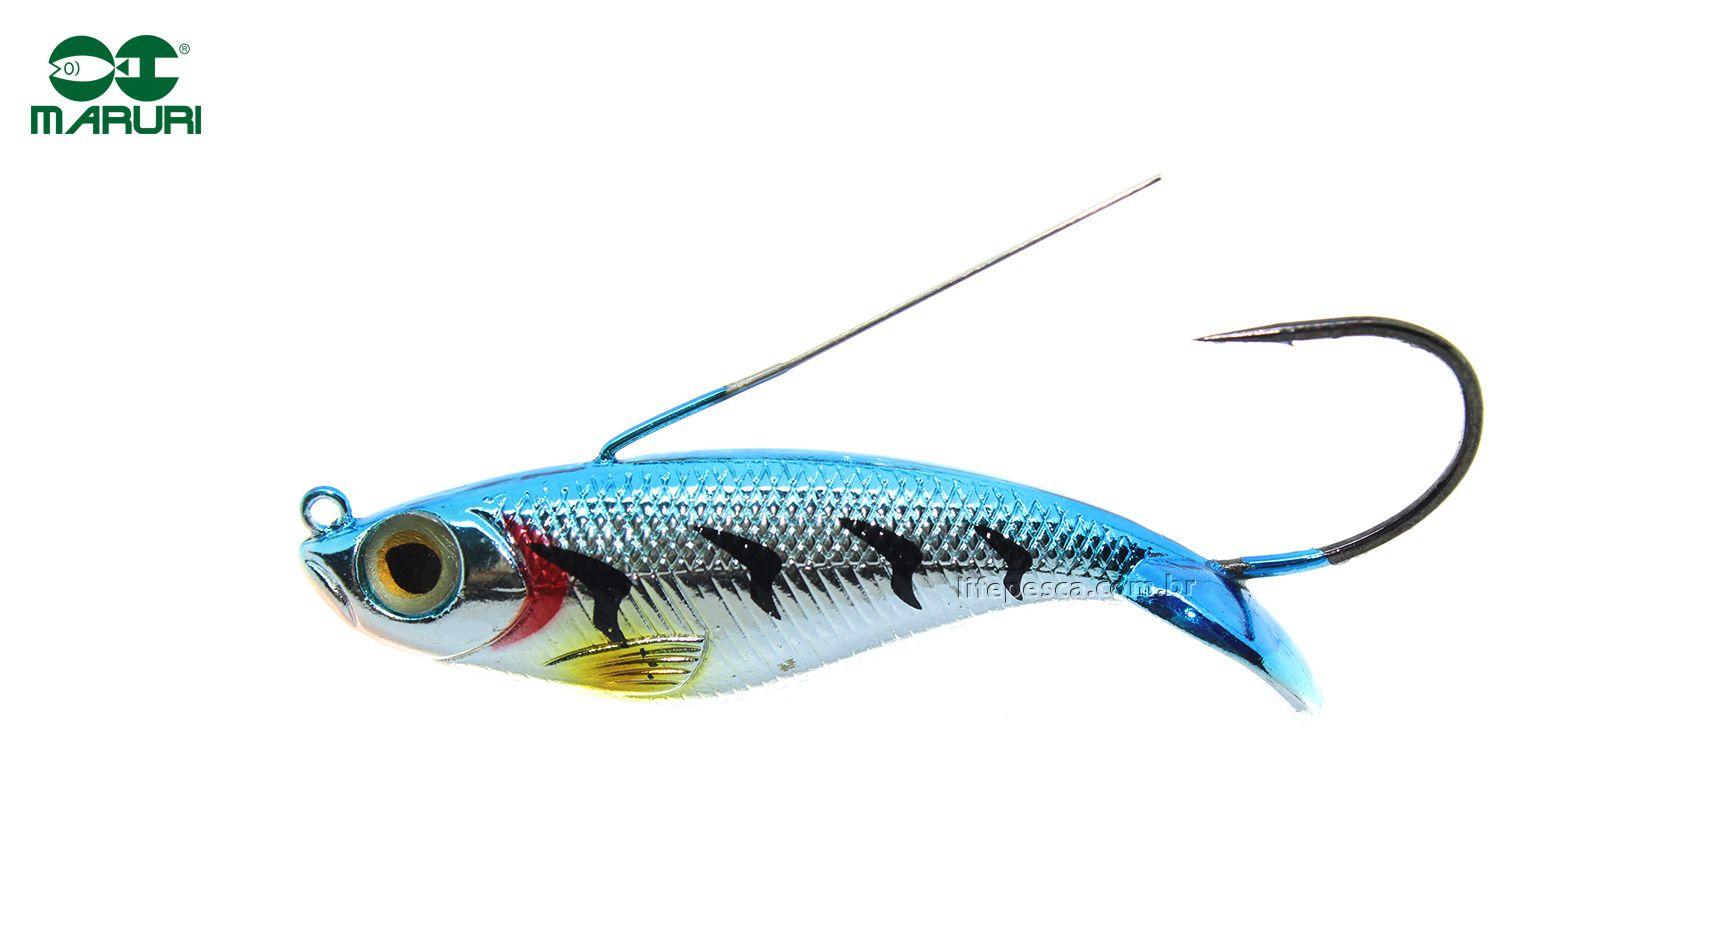 Isca Artificial Maruri Aphache 90S - 9cm ( Várias Cores )  - Life Pesca - Sua loja de Pesca, Camping e Lazer